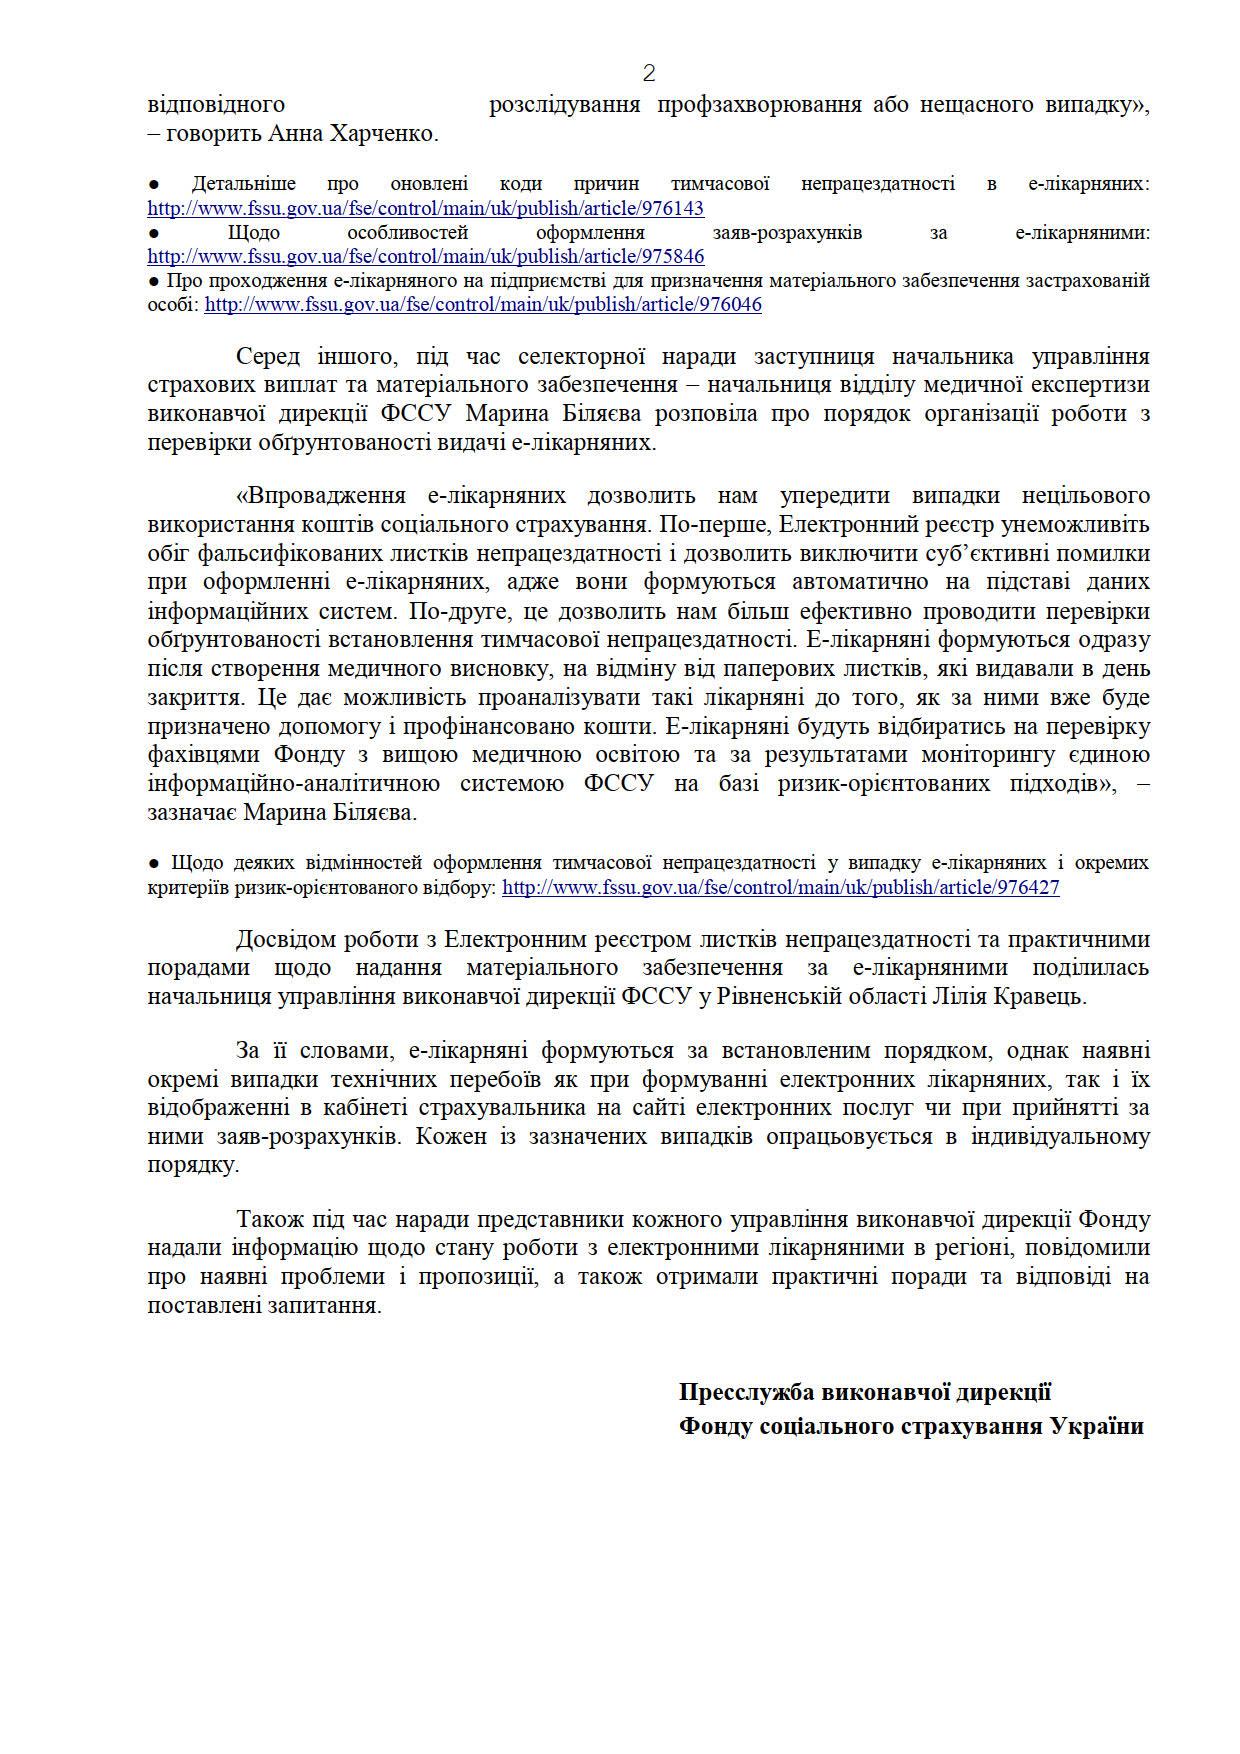 ФССУ_Селекторна нарада елікарняні-1_2